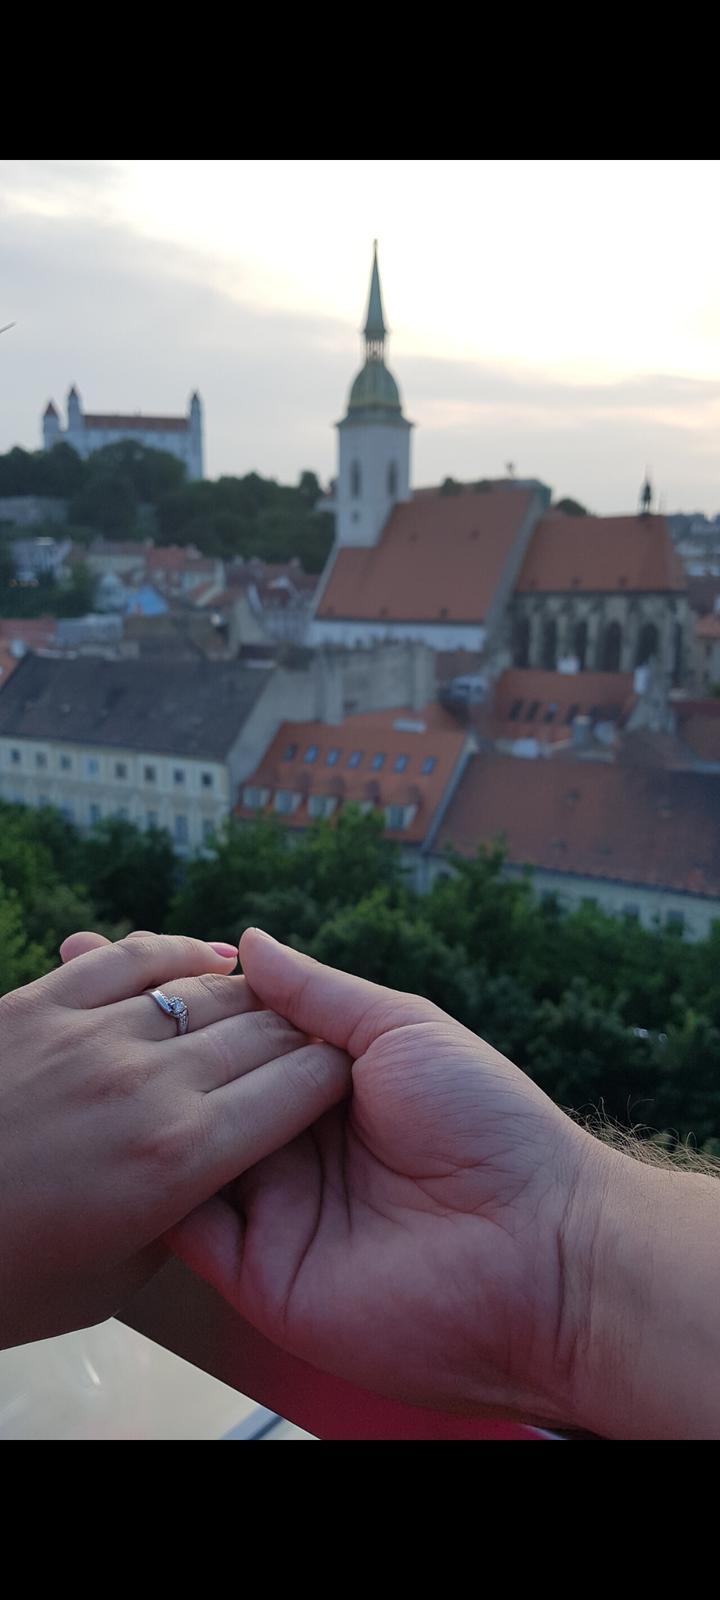 My sme sa zasnúbili... - Obrázok č. 1